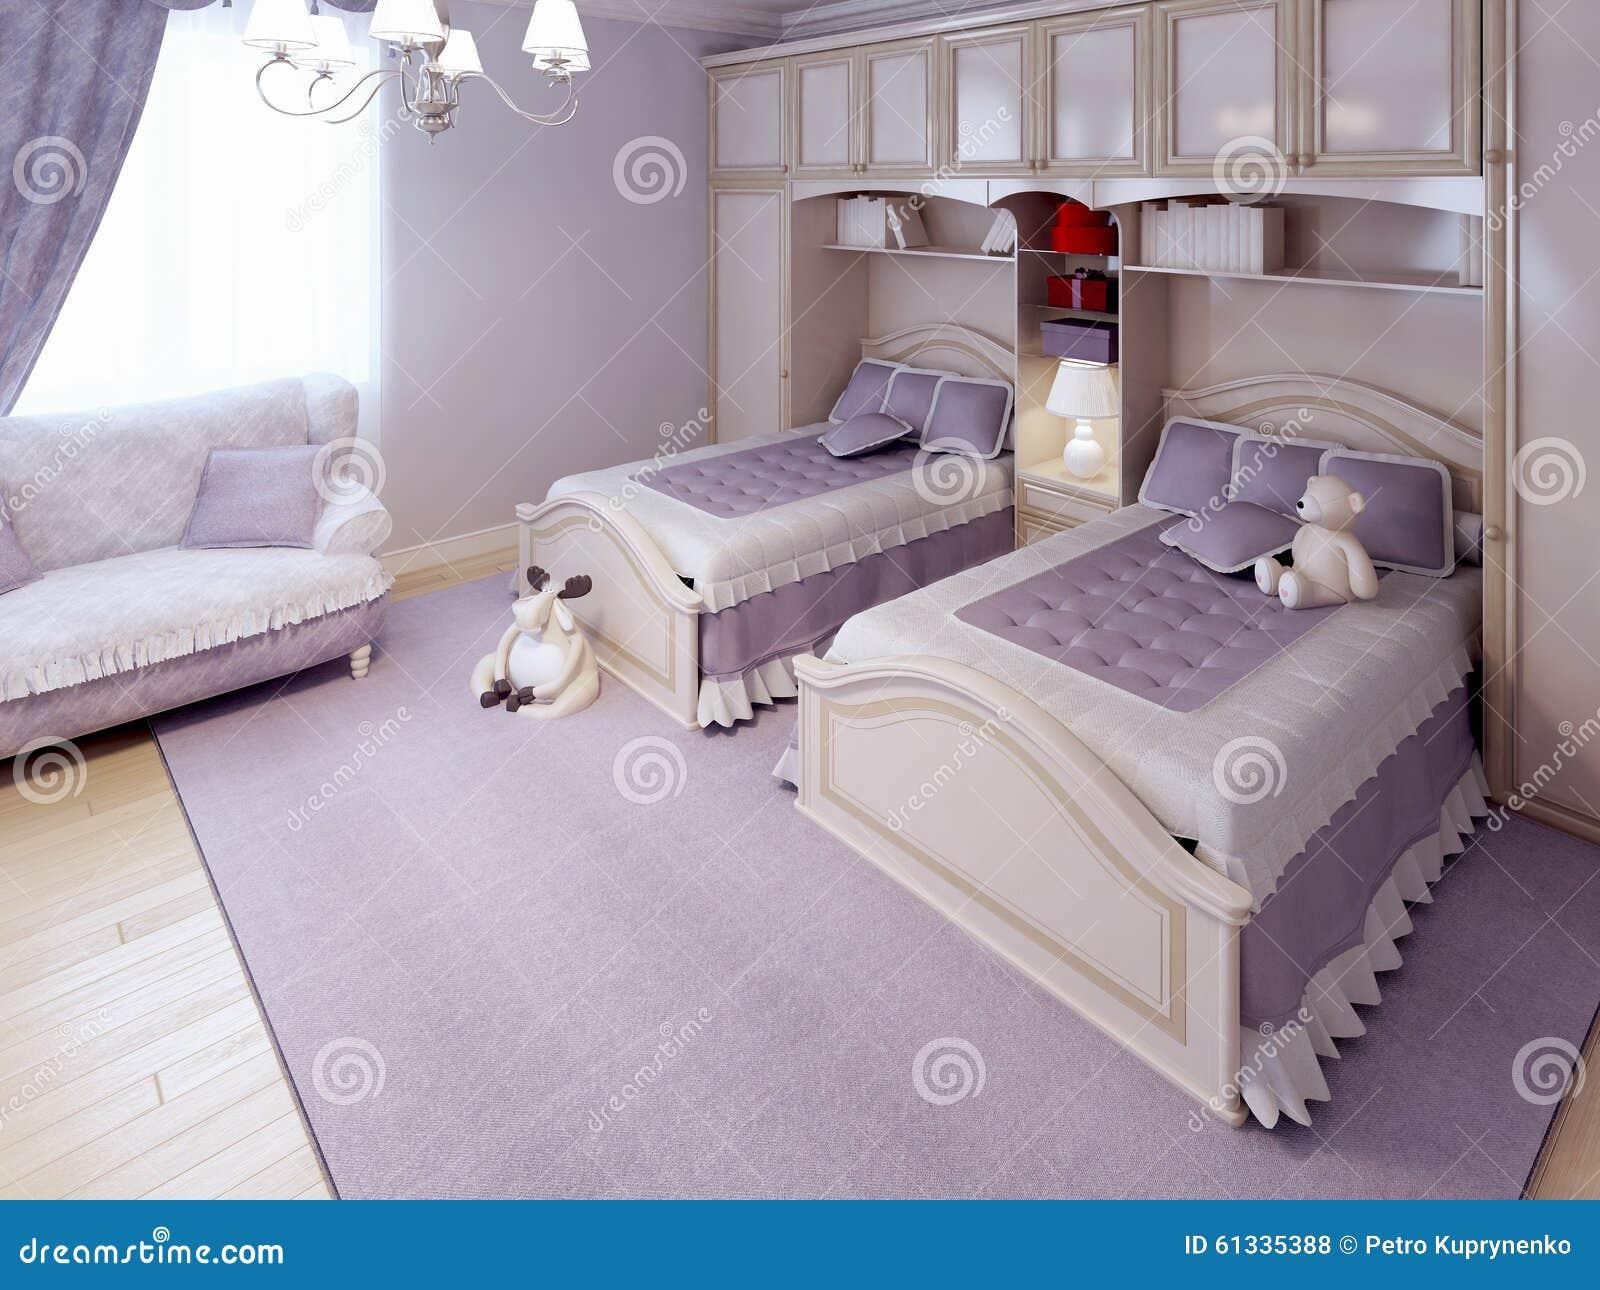 Letti Di Lusso Per Bambini : Tendenza classica della camera da letto dei bambini illustrazione